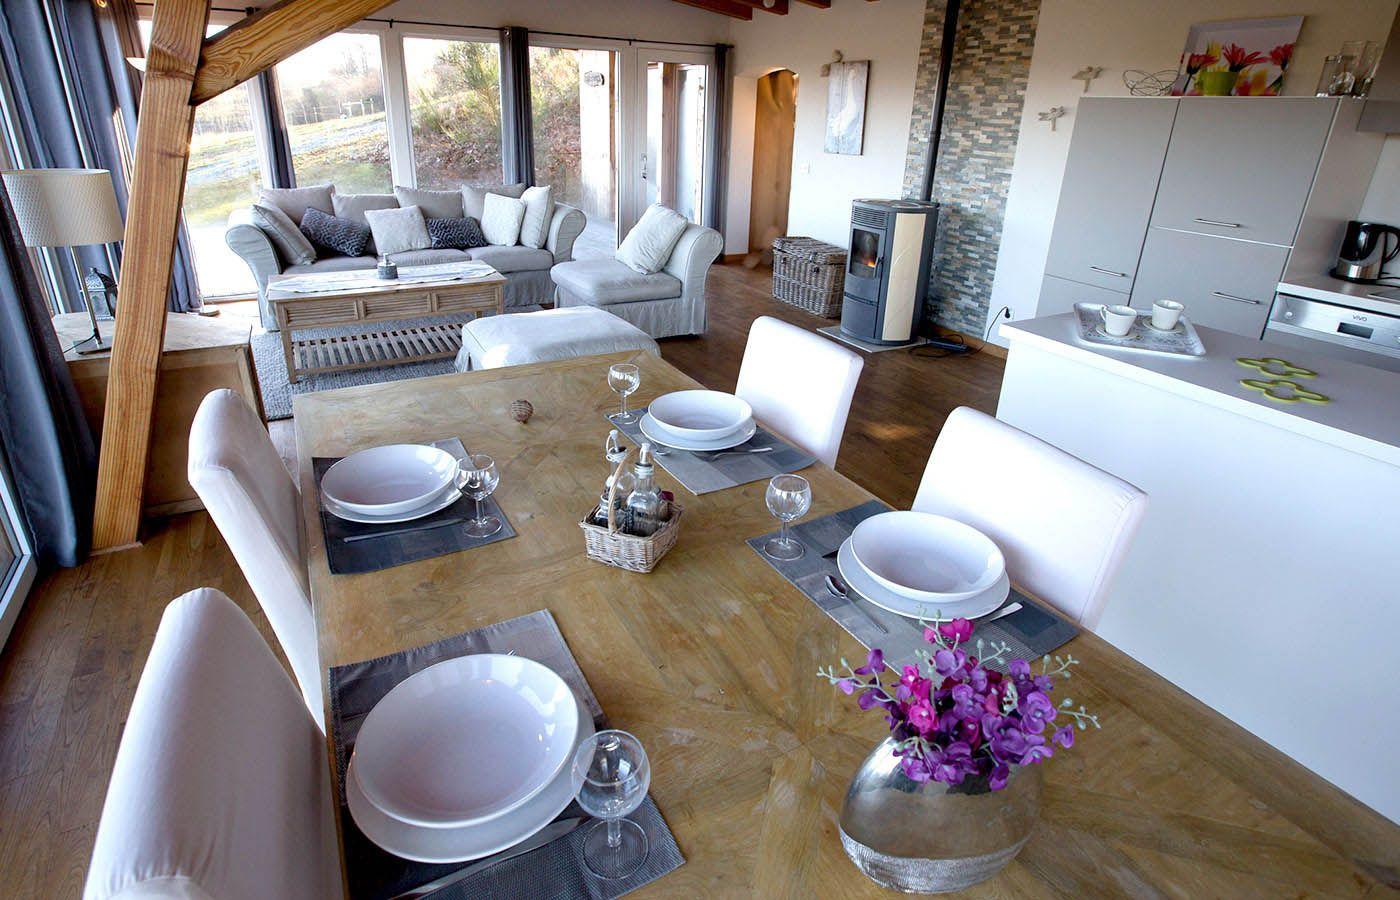 Cabinet d'architecture intérieure à Mulhouse dans le eau Haut Rhin,  rénovation, construction & extension de votre maison.